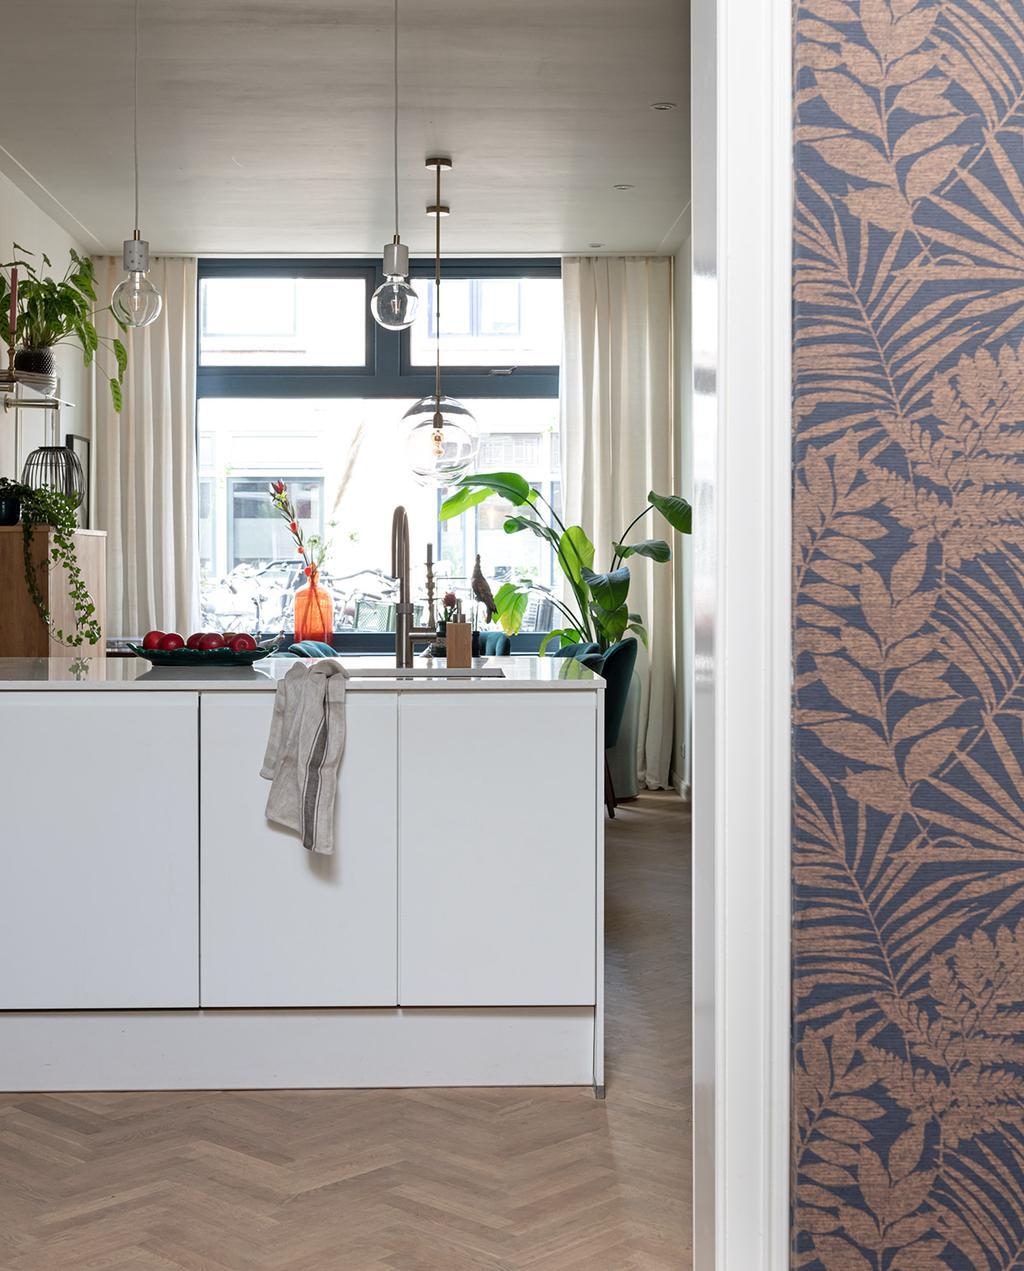 vtwonen special tiny houses | behang van bloemen bij de keuken